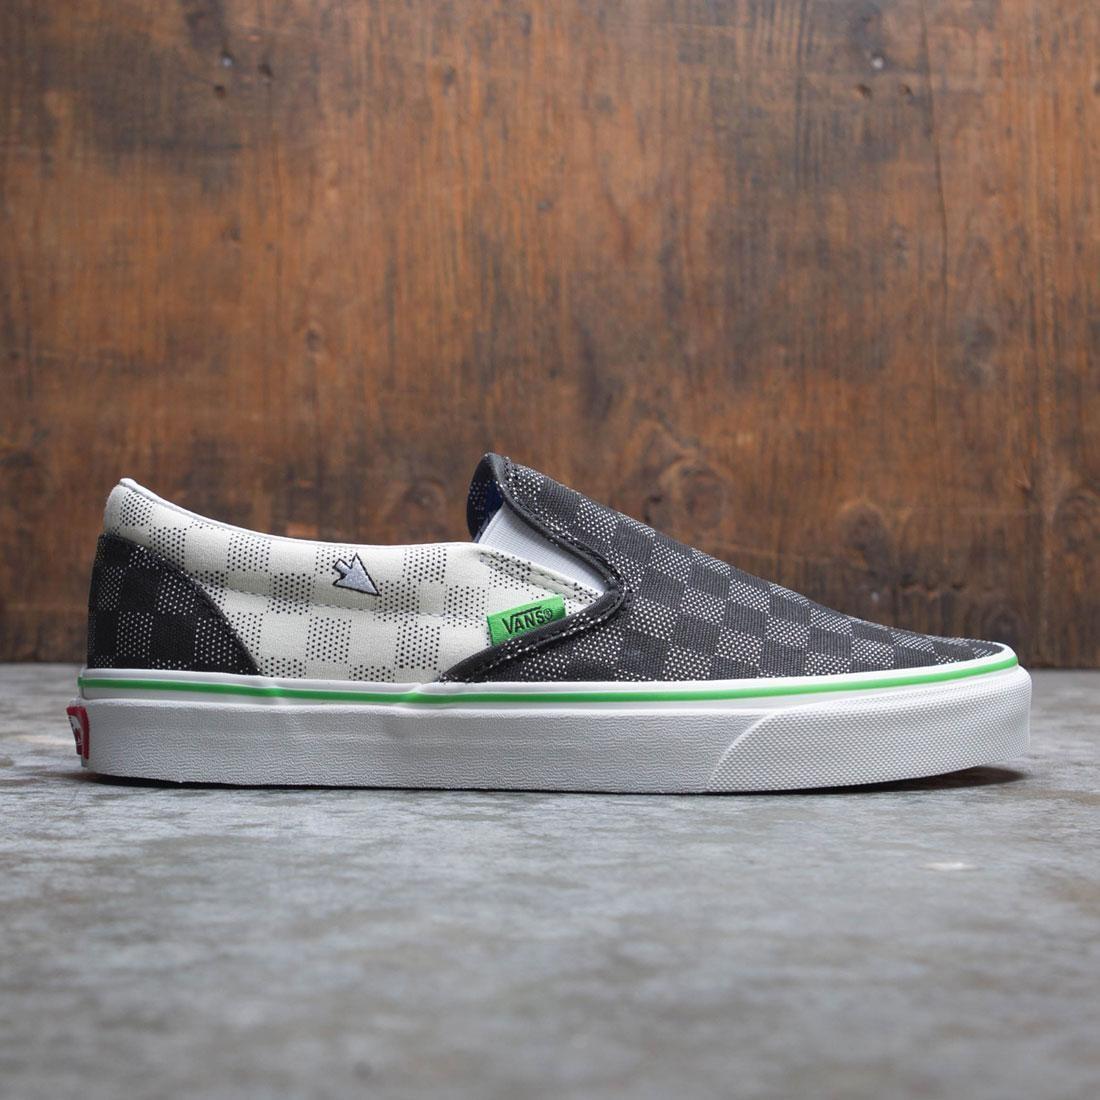 Vans Men Classic Slip-On - Vanscii (black / white)